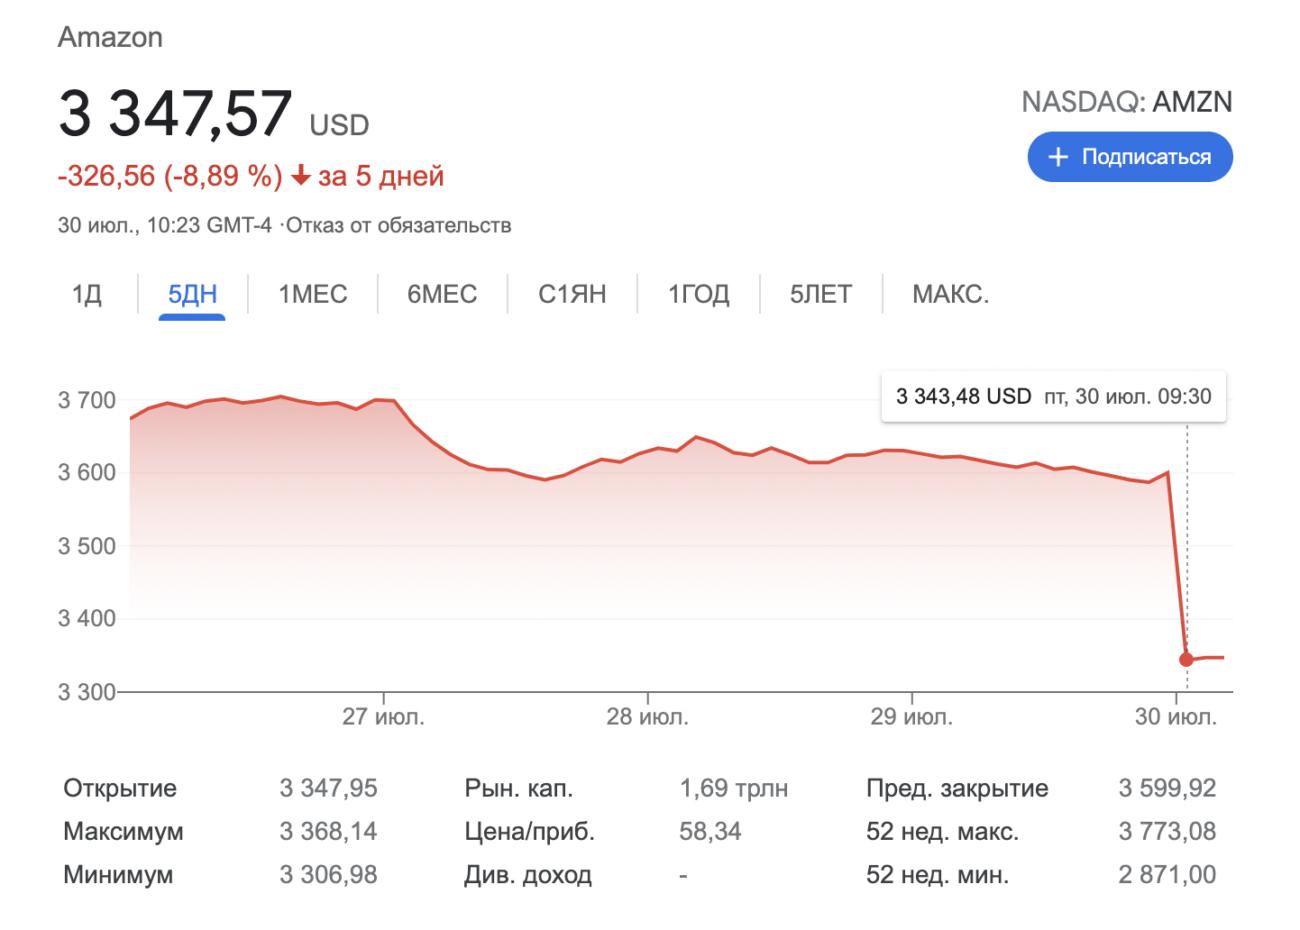 Акции Amazon упали на 7,5% после публикации квартального отчёта из-за медленного роста выручки